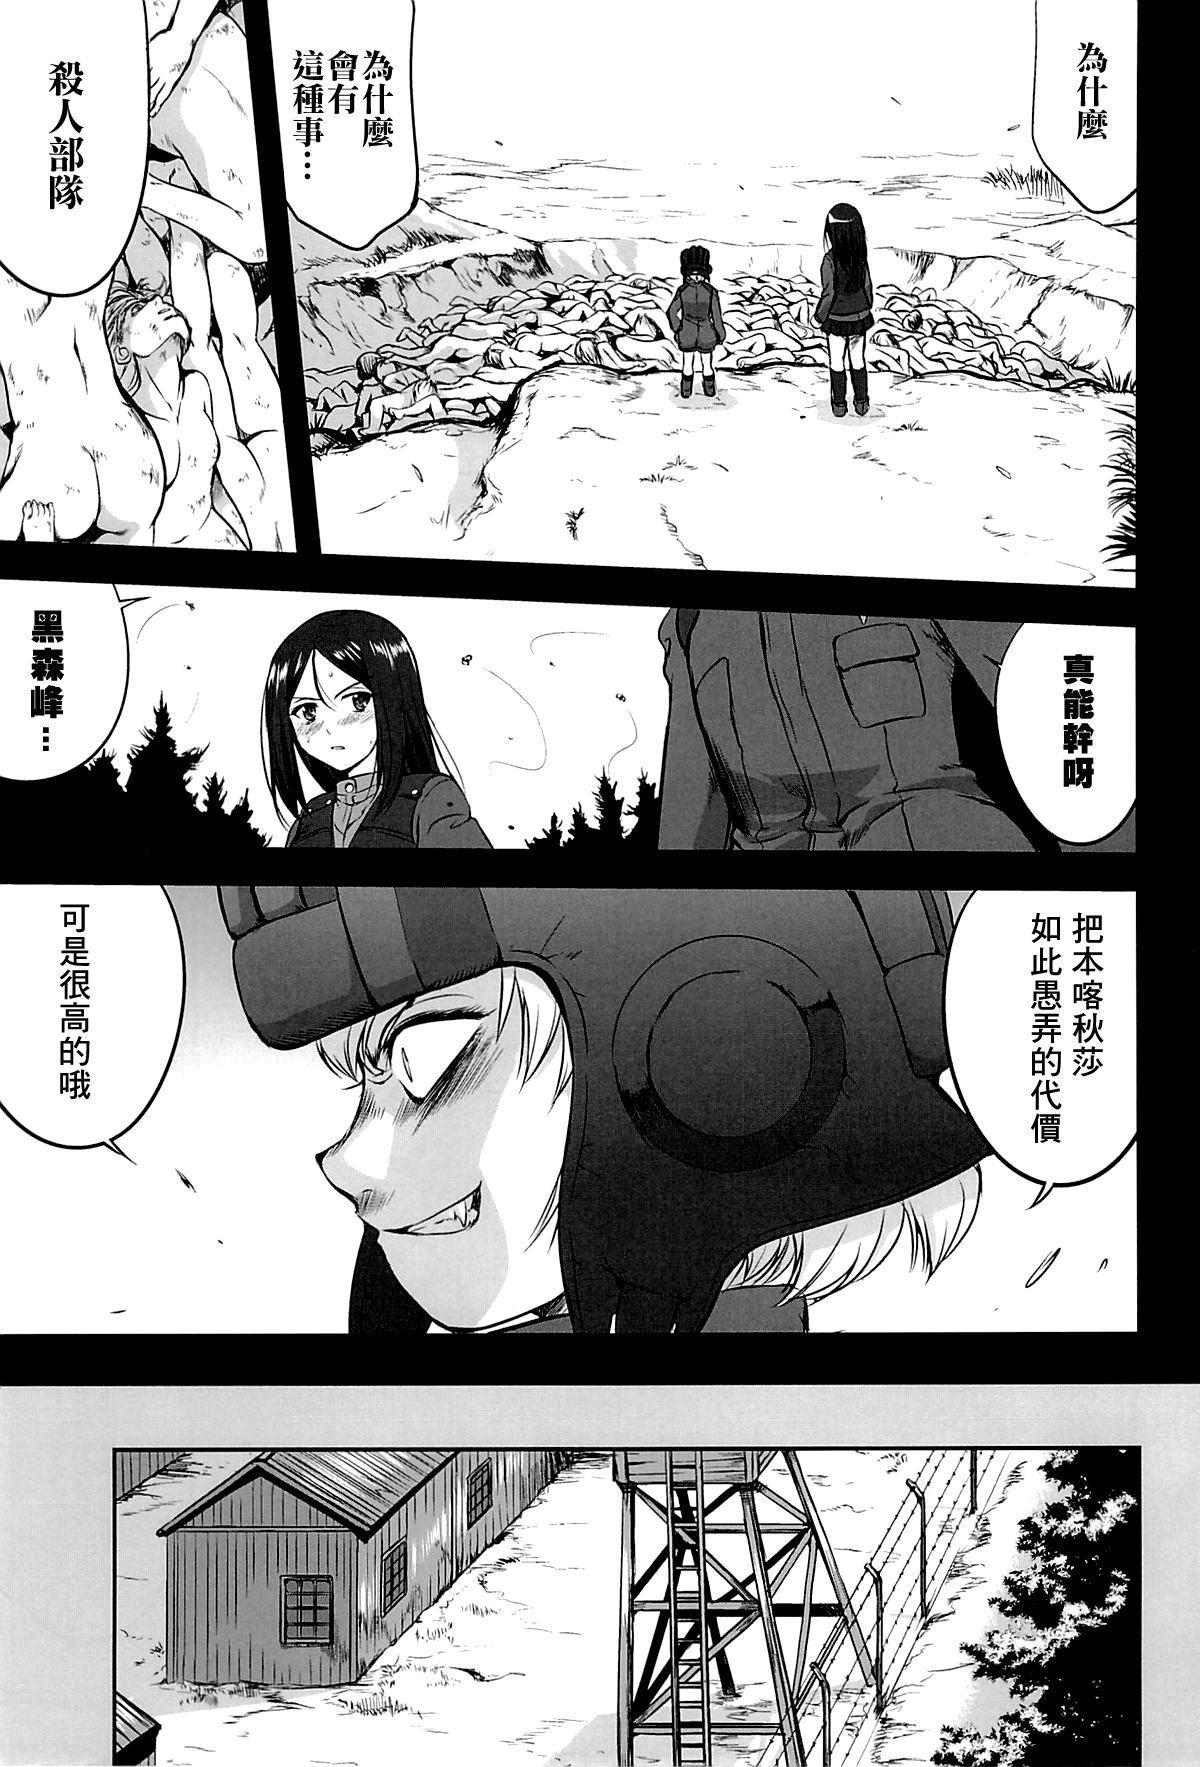 Yukiyukite Senshadou Kuromorimine no Tatakai 3